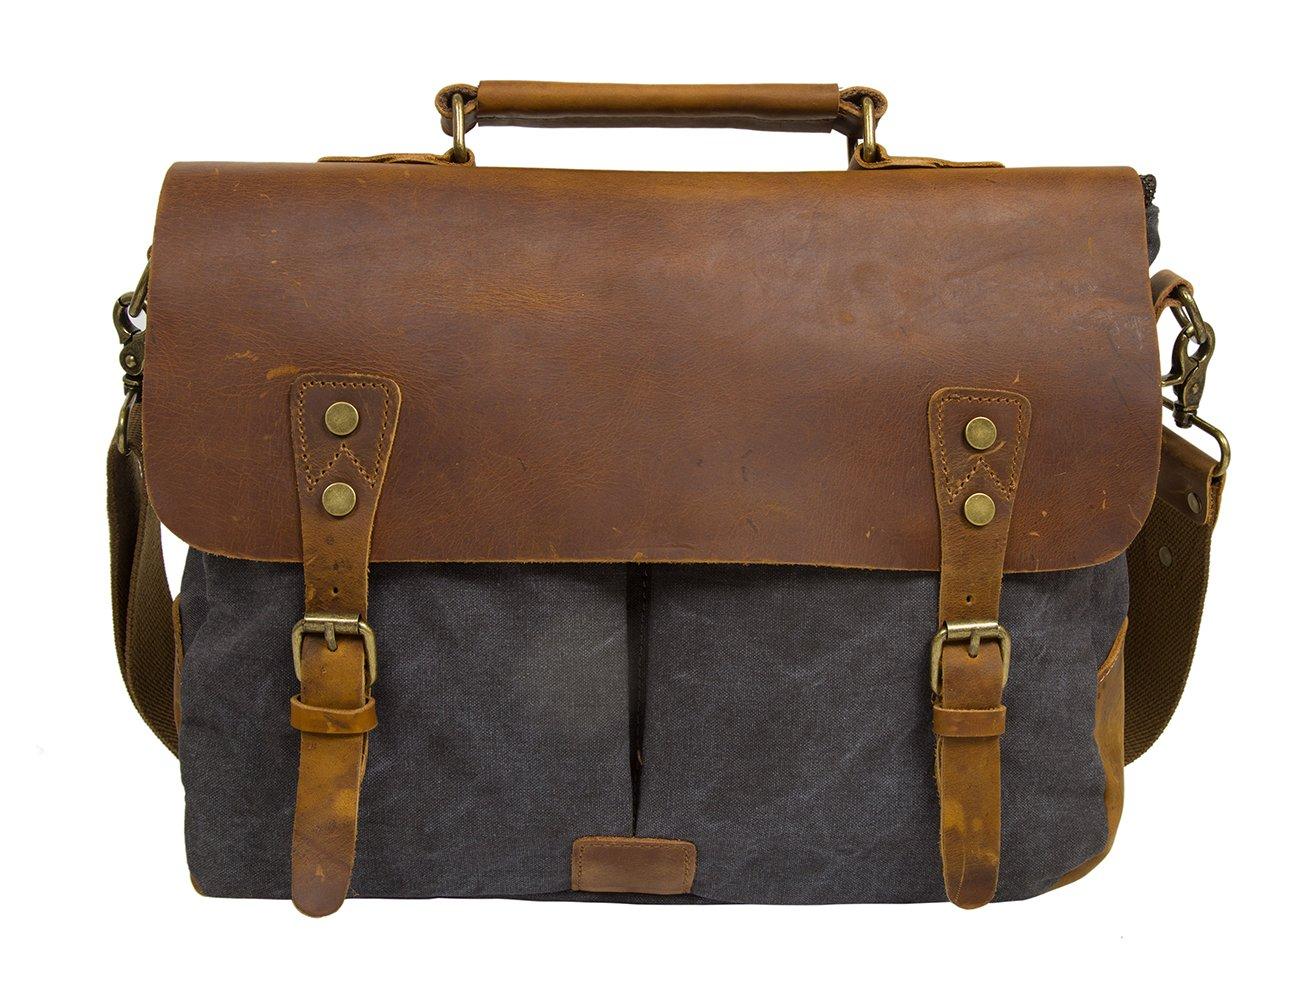 ECOSUSI Umhängetasche Herren Aktentasche Messenger Bag Canvas Schultertasche Leder Tasche Dunkelgrau Eco025013008-FDE